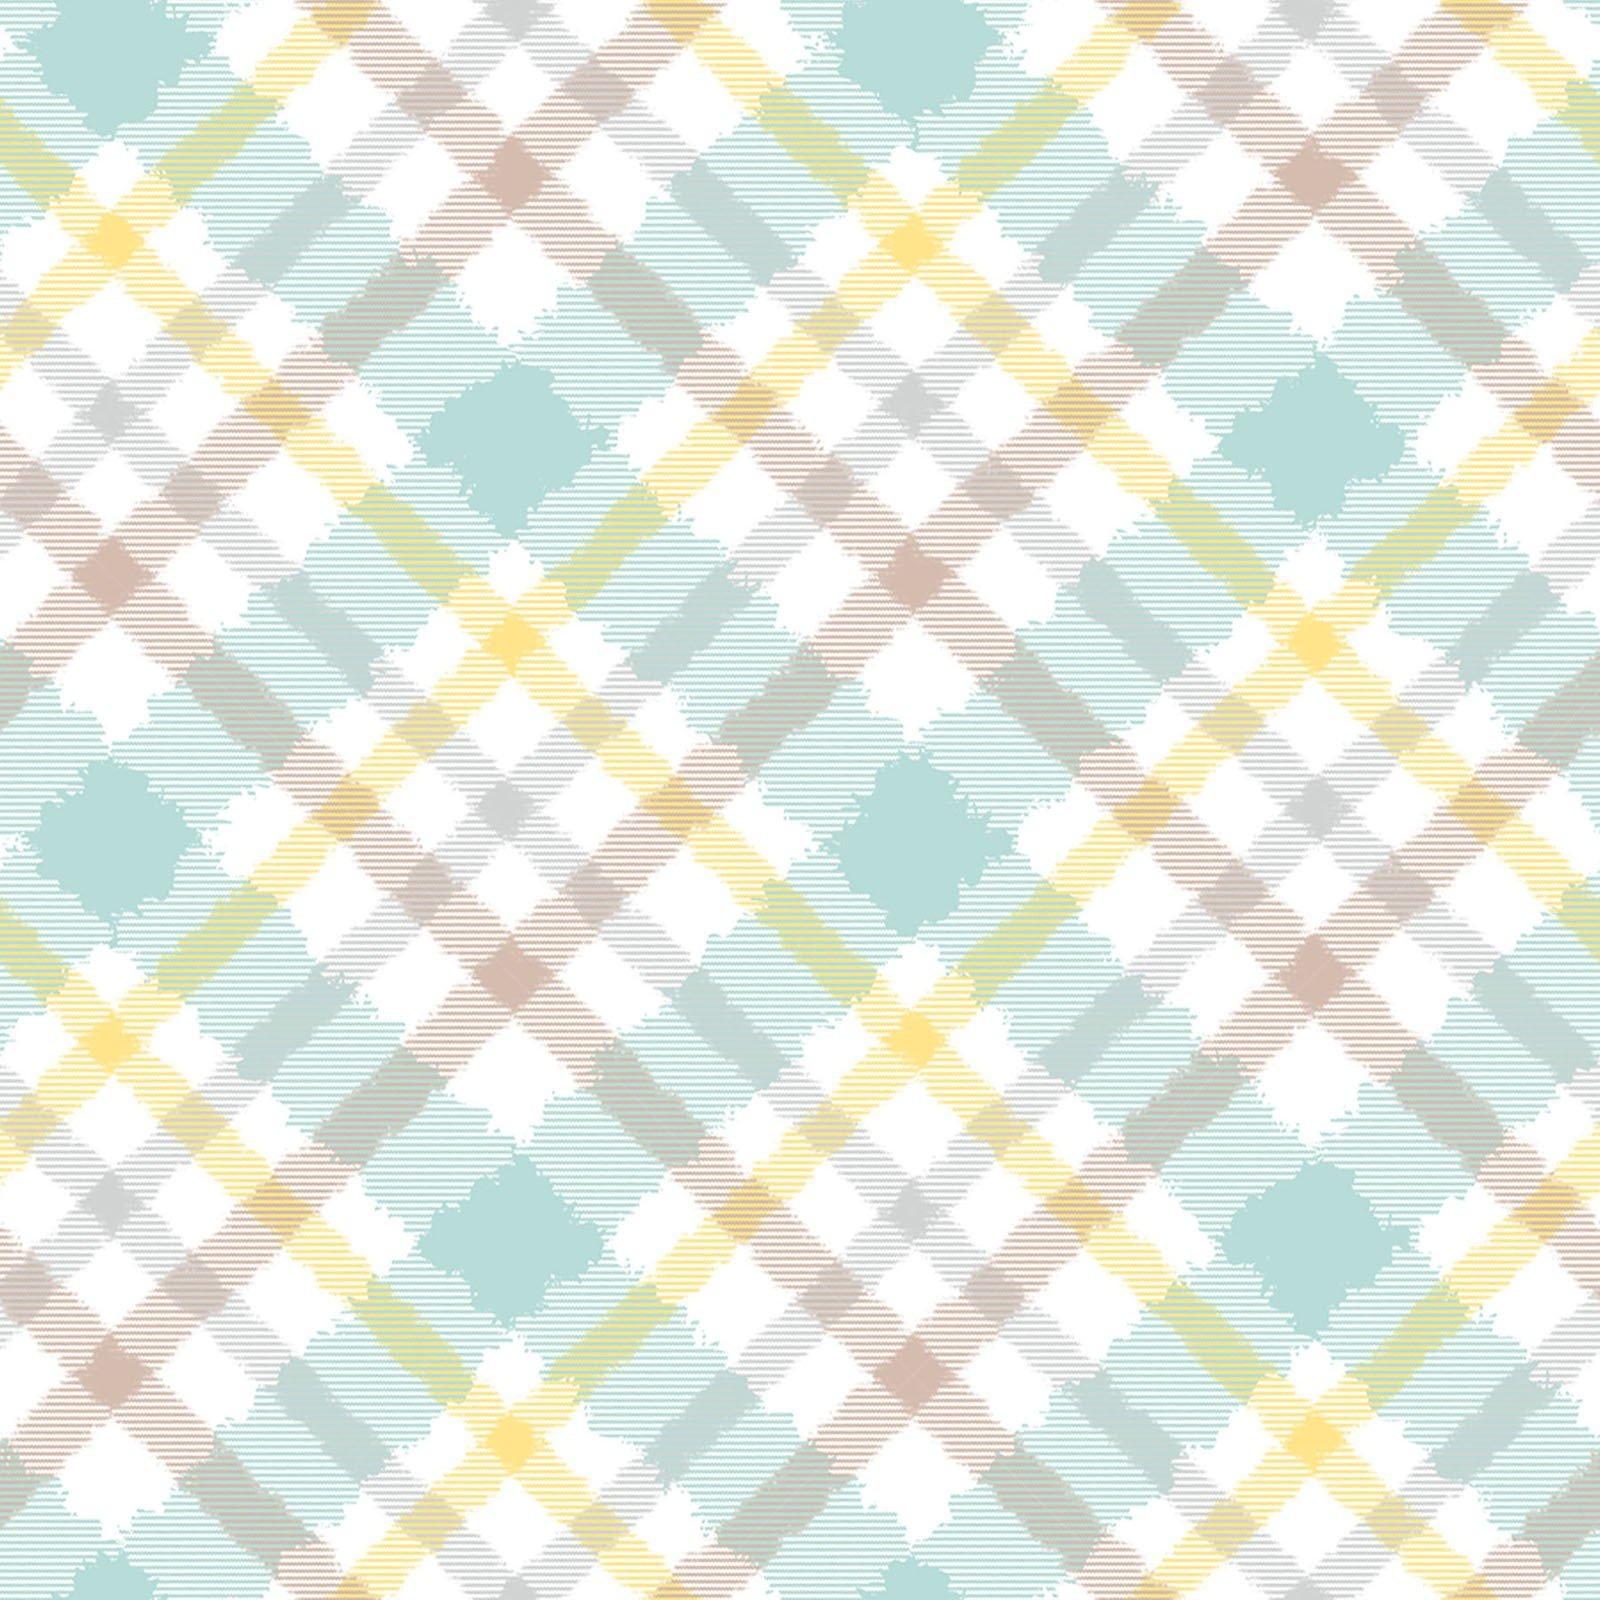 Shelly Comiskey - Fluffy Bunny Flannel - Multi Plaid